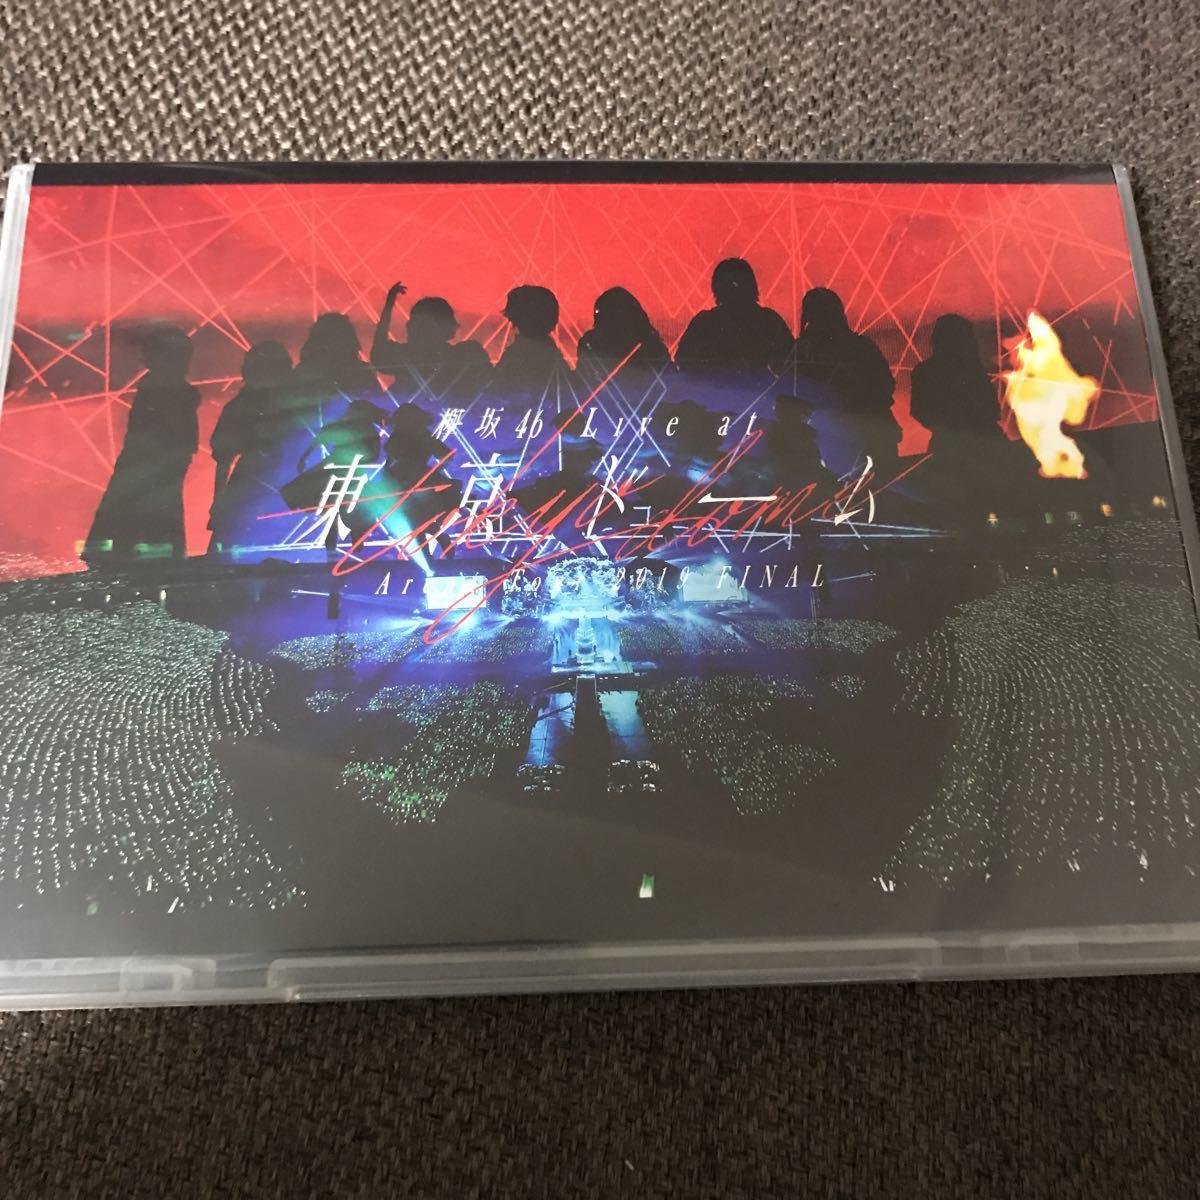 ★1円スタート★送料無料★欅坂46 Blu-ray LIVE at 東京ドーム ~ARENA TOUR 2019 FINAL~ ★Blu-ray BD★